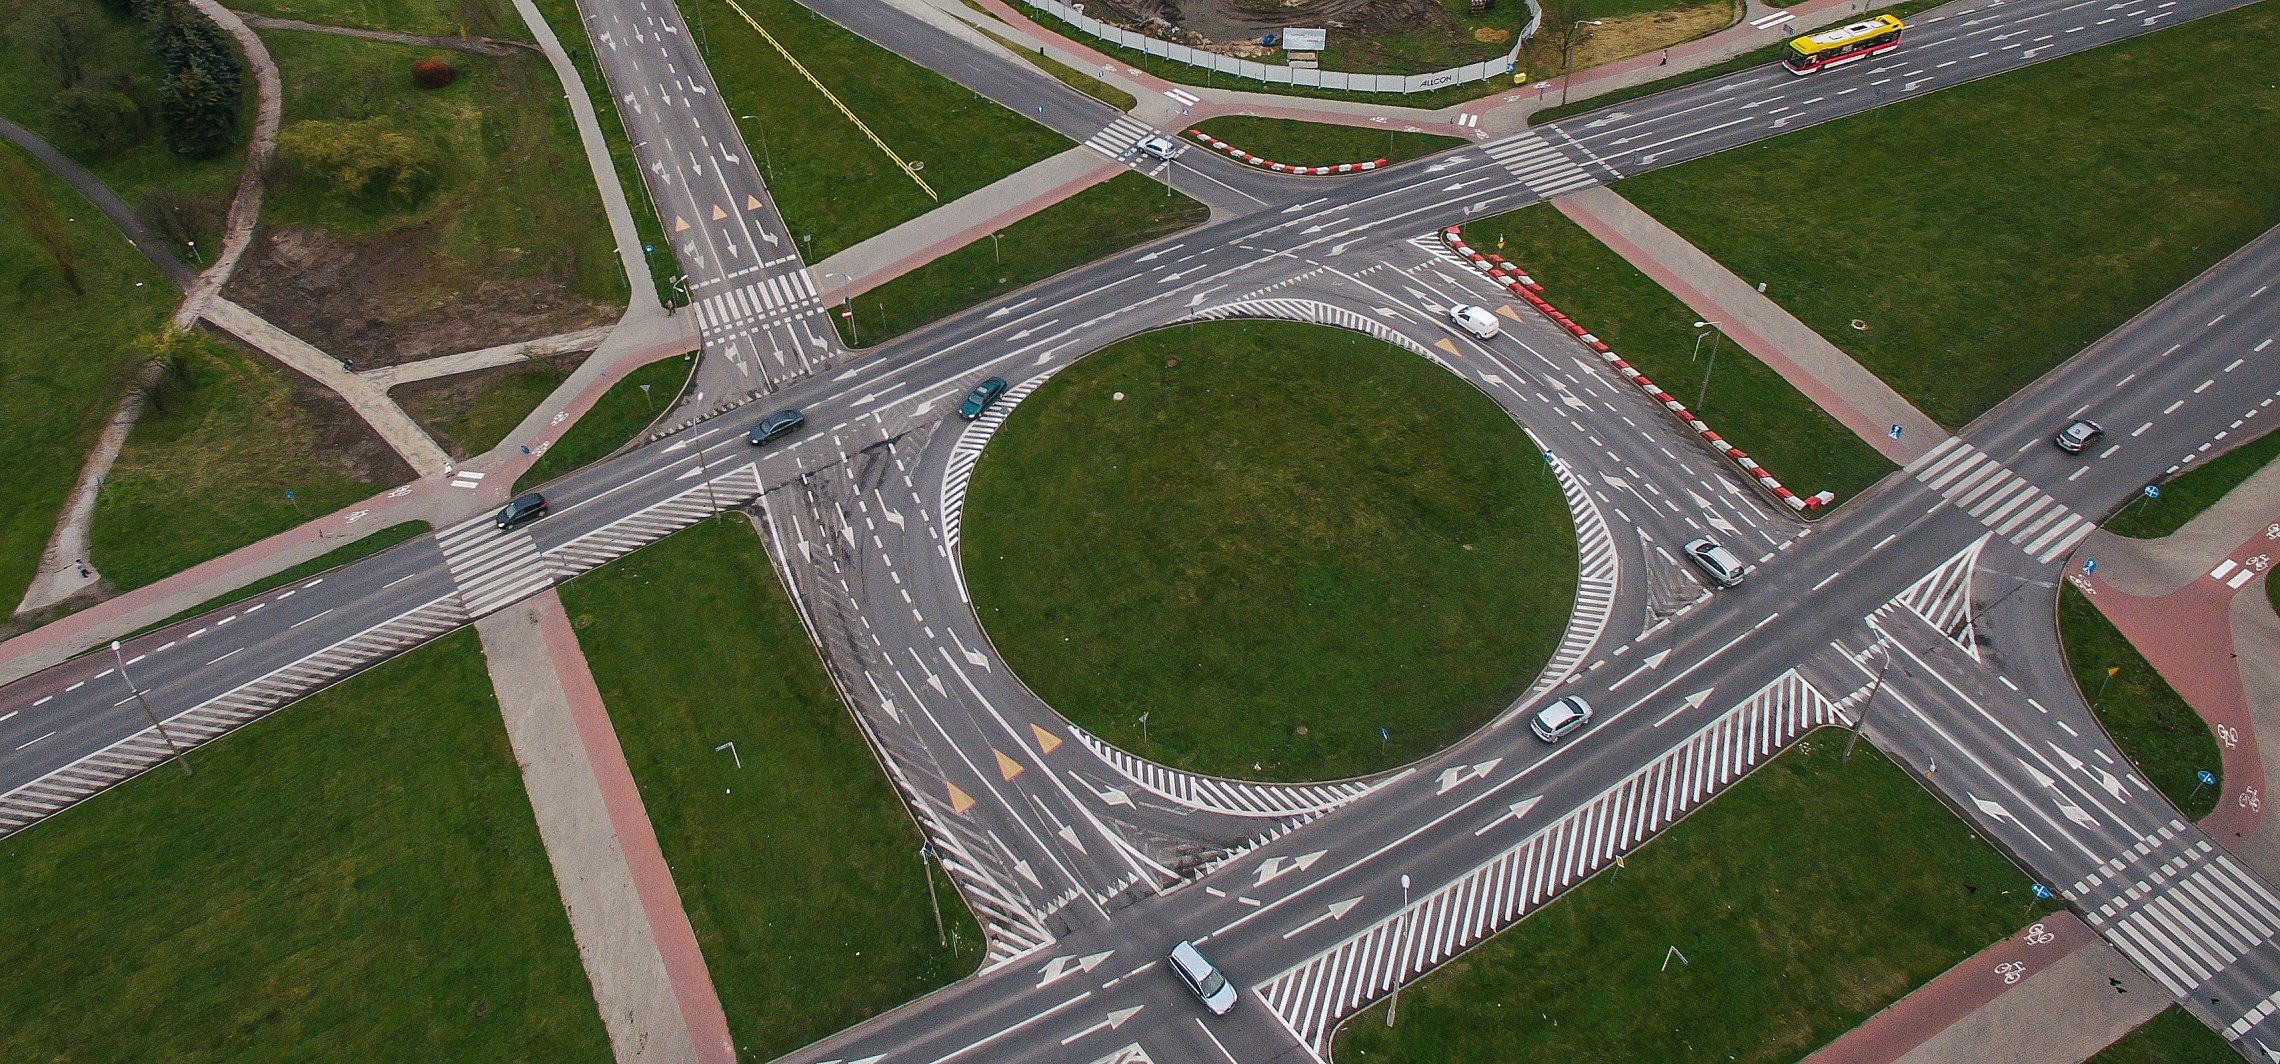 Inowrocław - Drugie rondo turbinowe na Rąbinie w 2021 roku?